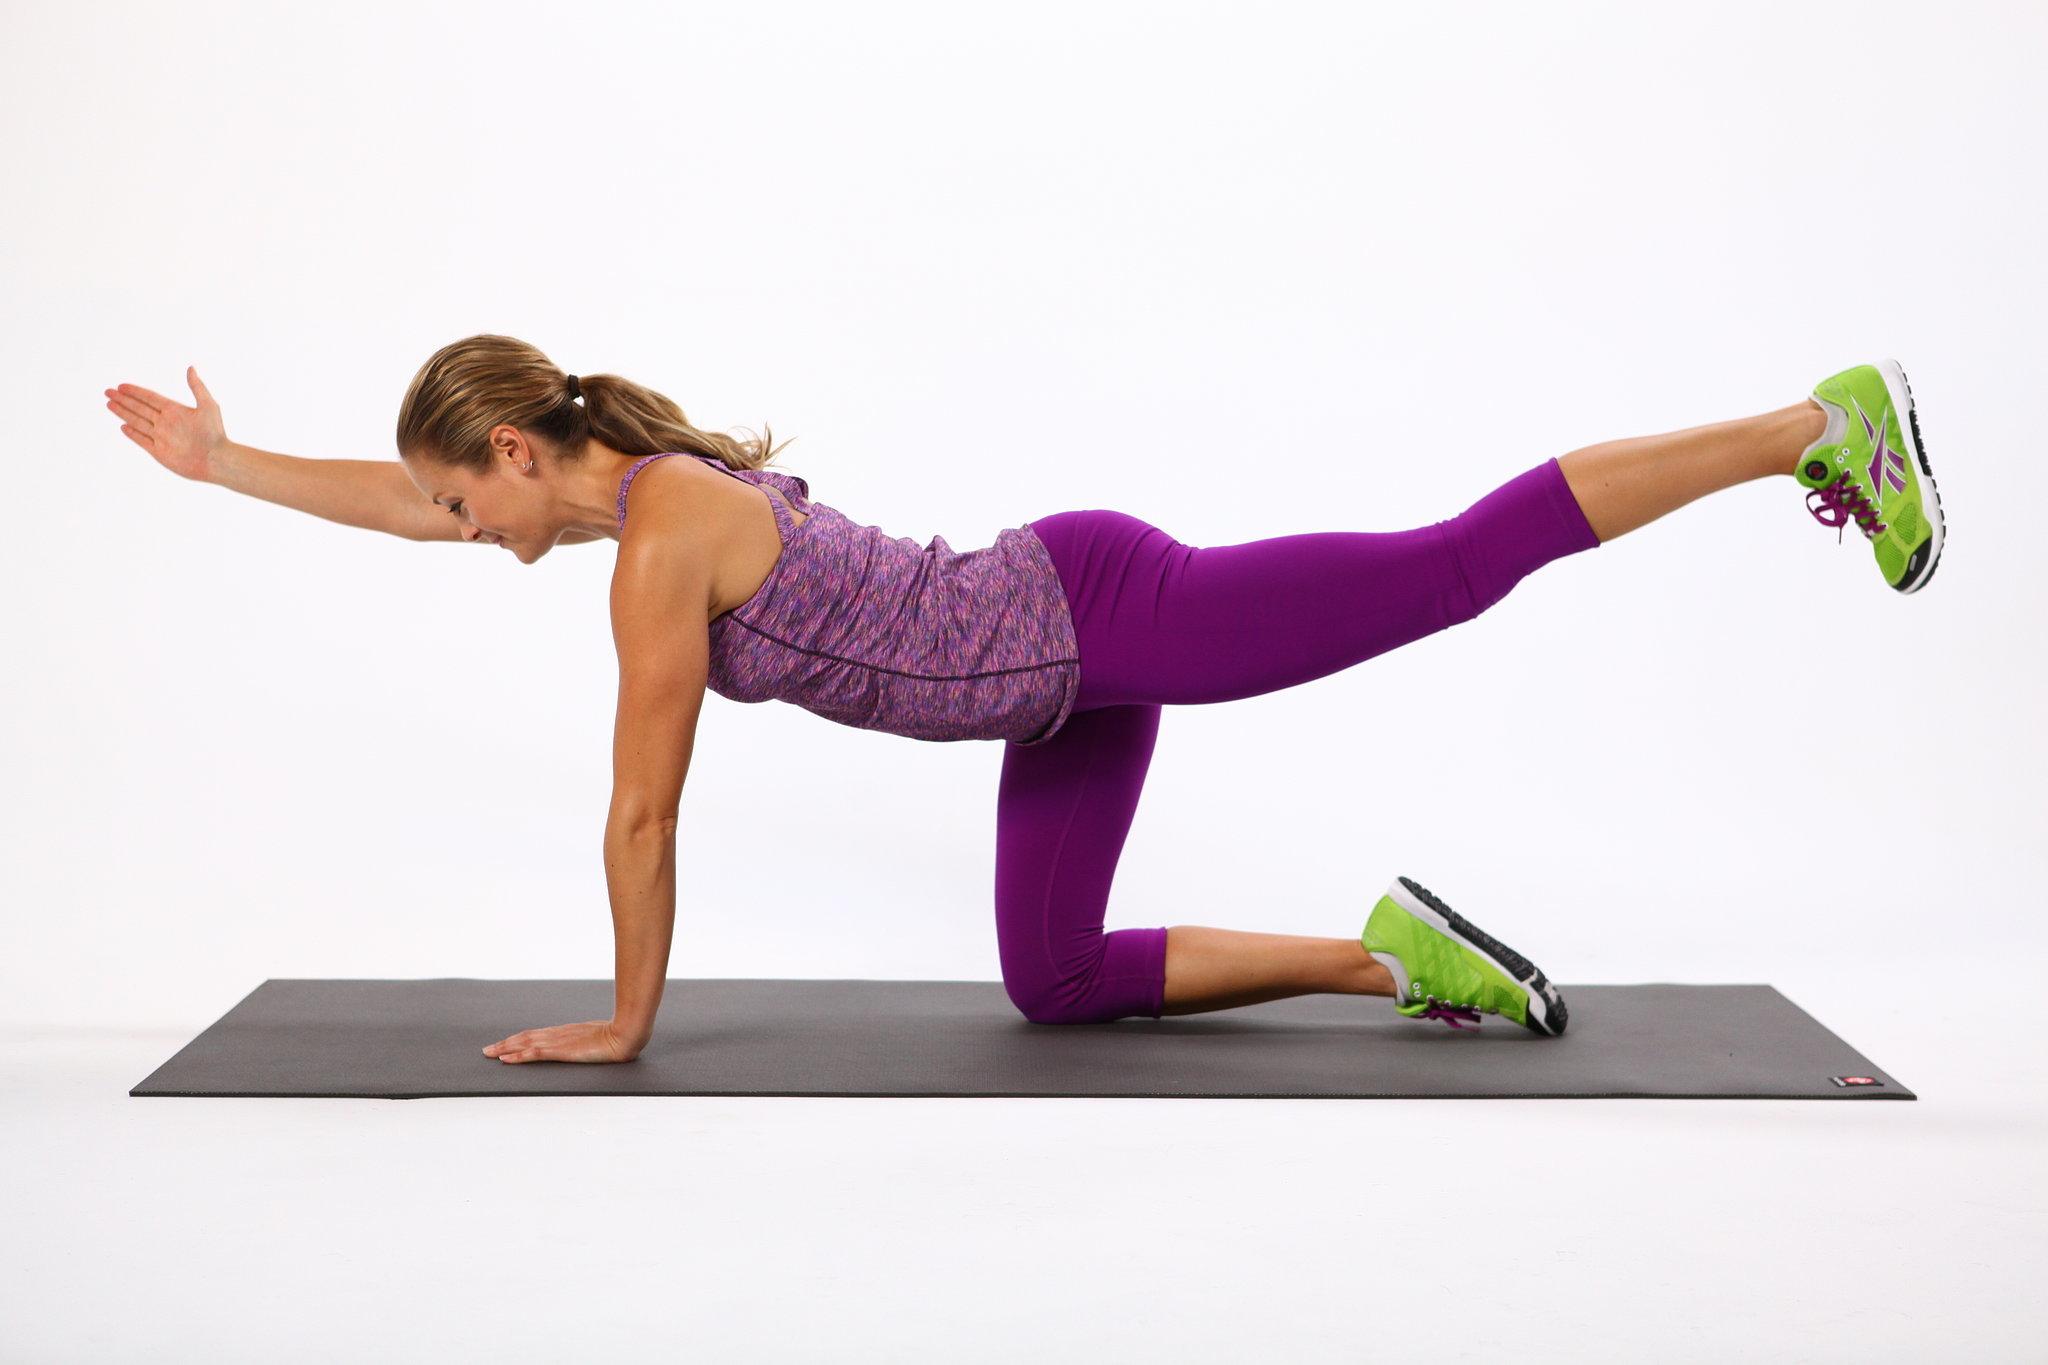 Как исправить сутулость в домашних условиях: упражнения и 48